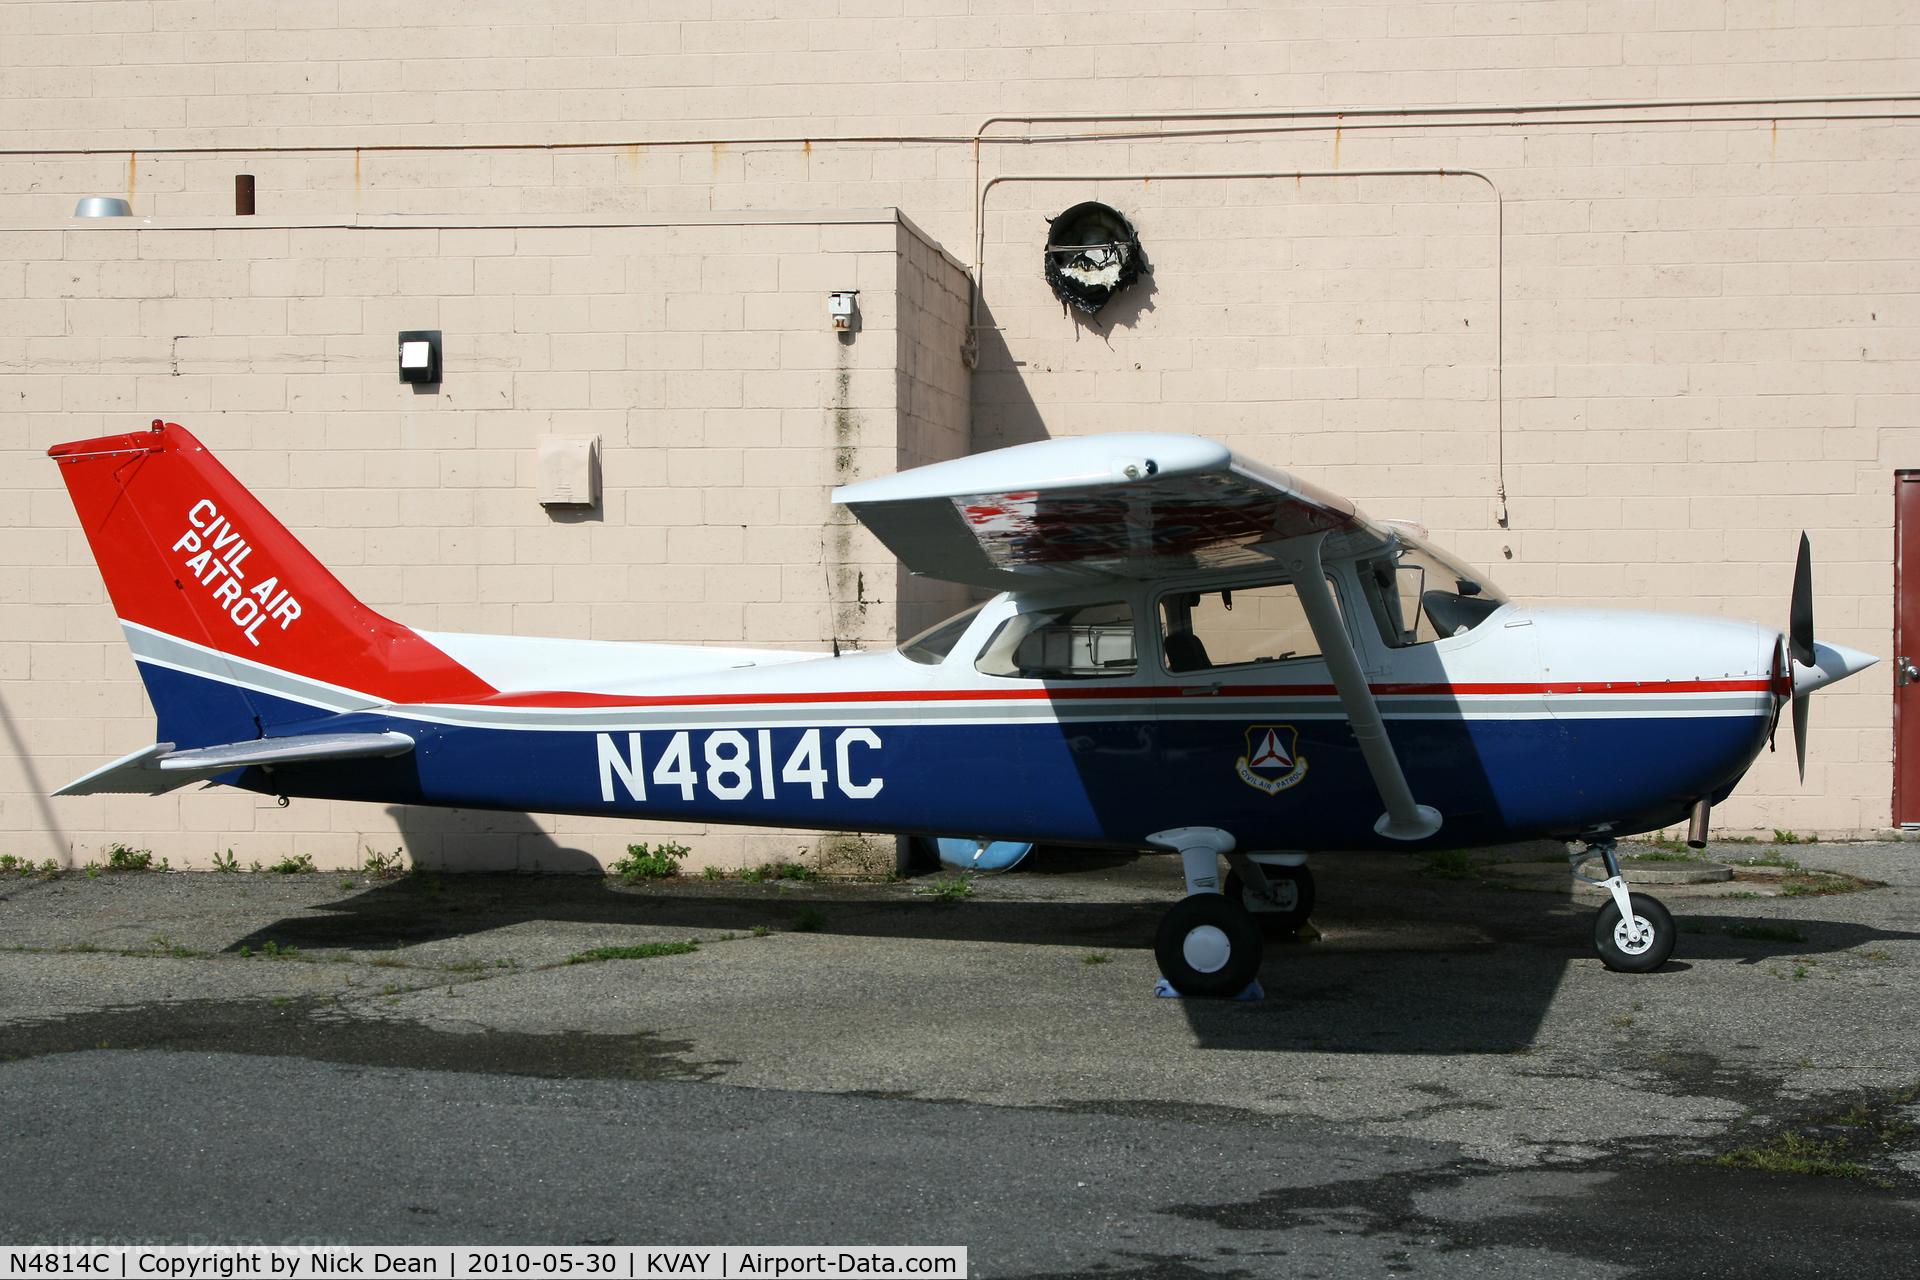 N4814C, 1982 Cessna 172P Skyhawk C/N 17275868, KVAY